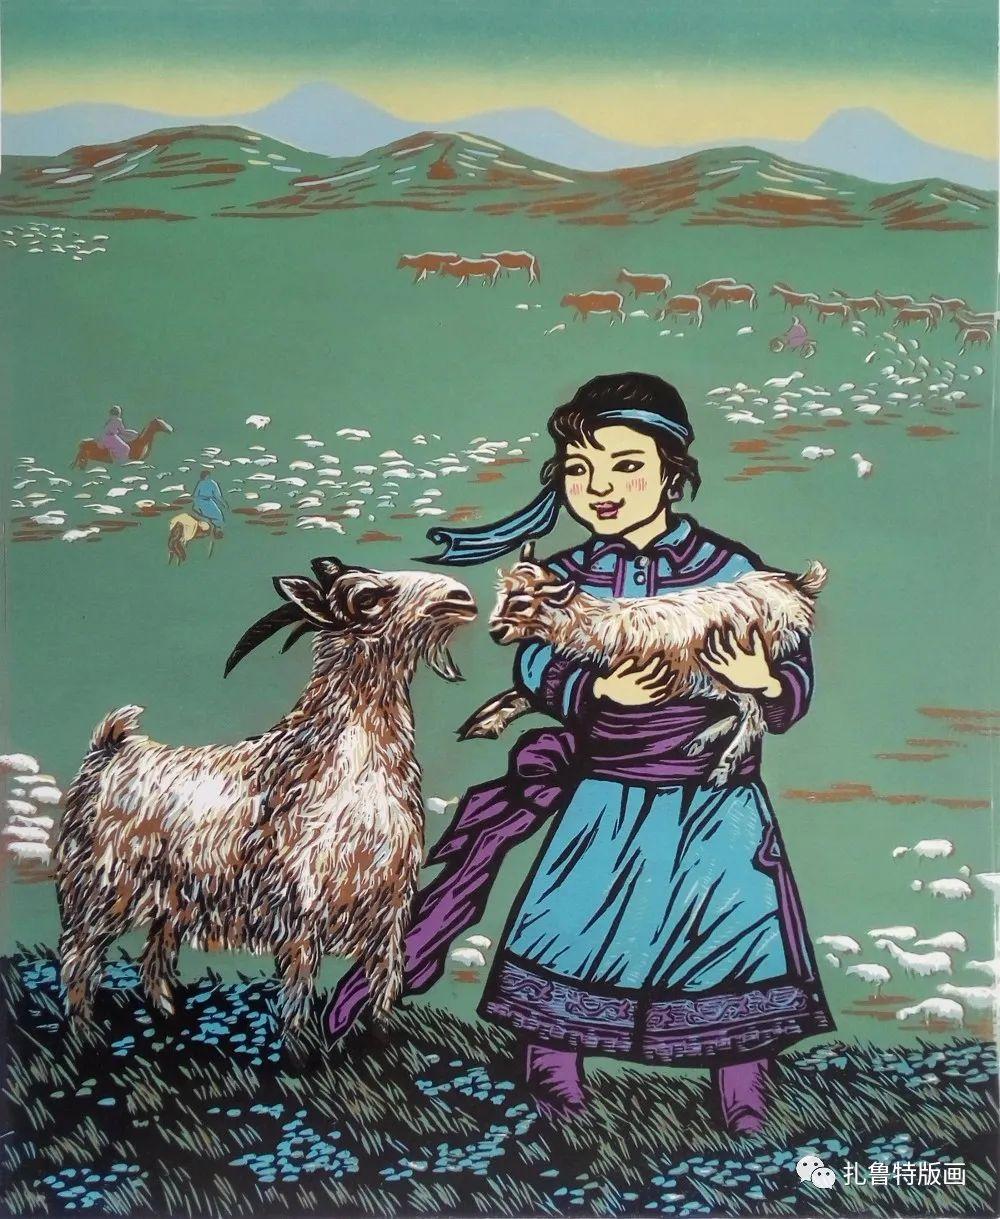 哈斯高娃版画作品欣赏 第14张 哈斯高娃版画作品欣赏 蒙古画廊